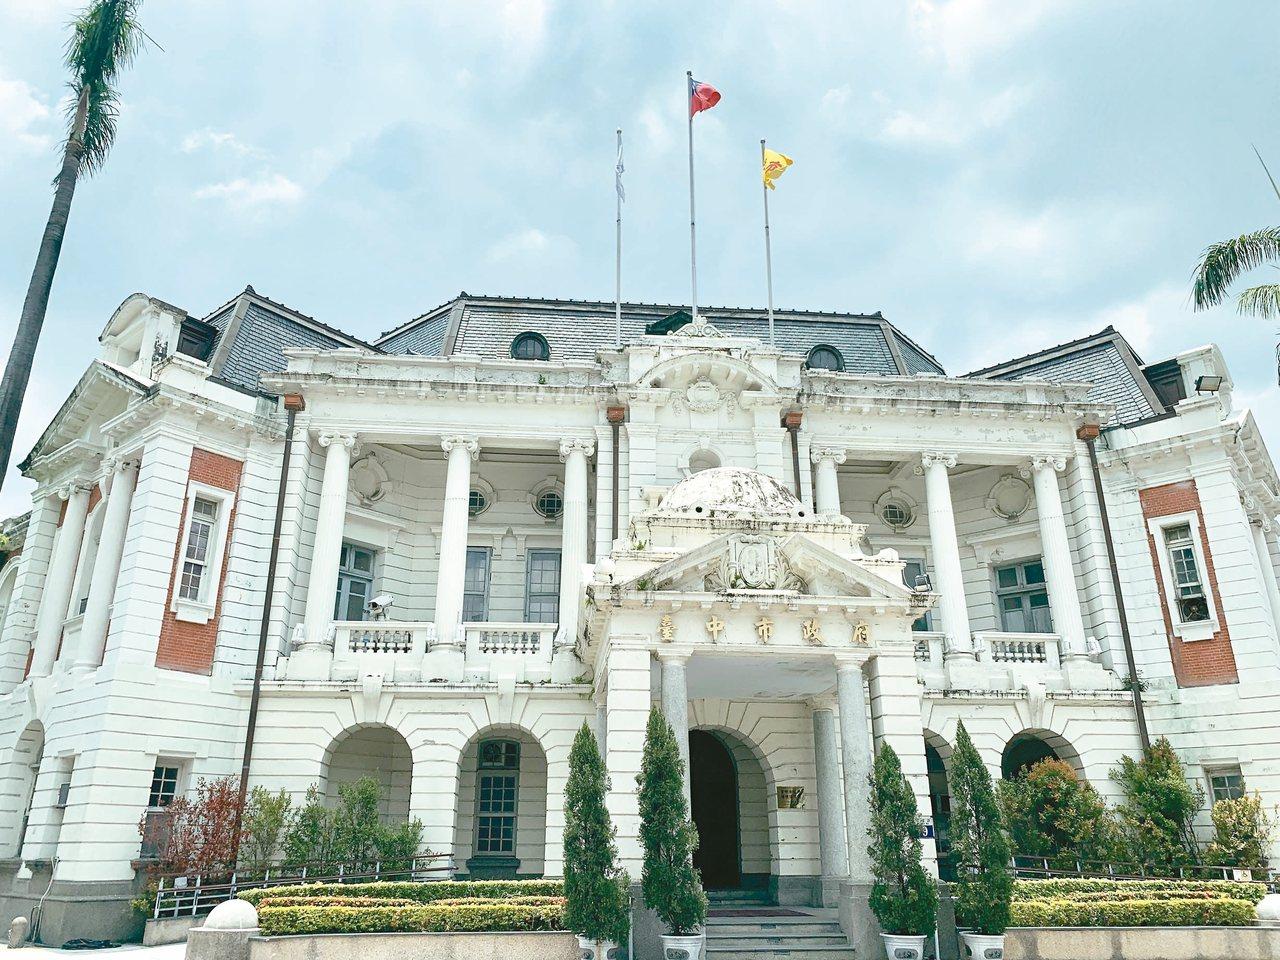 台中州廳修繕計畫啟動,前朝有意規劃為「國美館二館」,但市長盧秀燕有不同想法,8月...